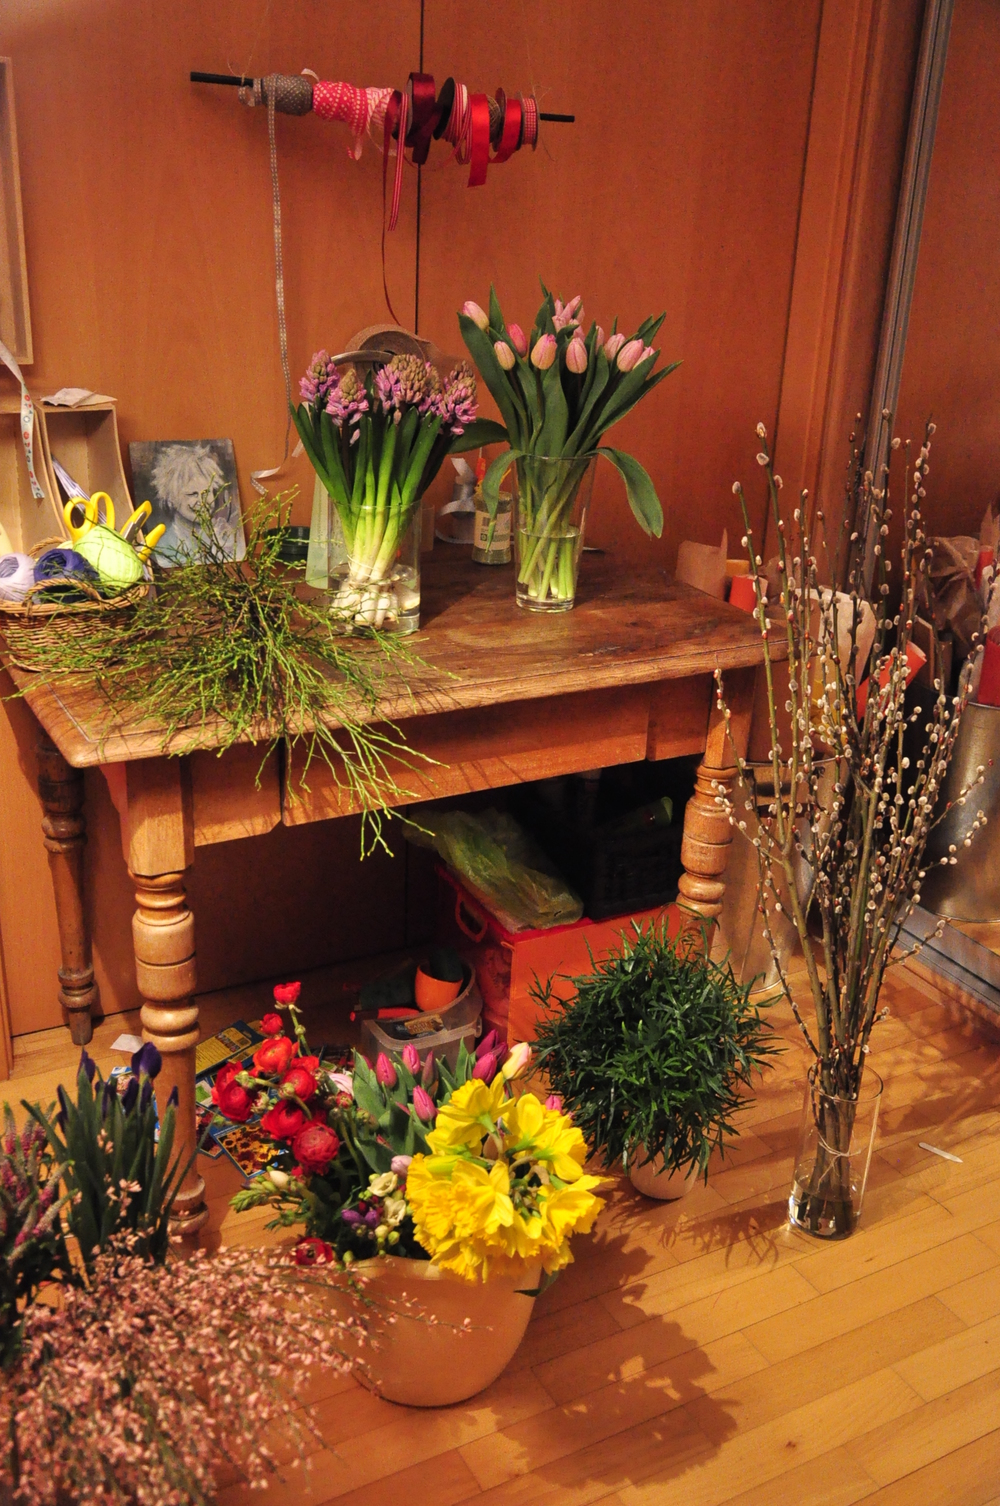 2. DESIGN, SAJÁT KEZŰLEG   A virágokat ezután a műhelyünkben saját kezűleg foglaljuk a hetente frissülő egy-két csokordesign egyikébe.  Az egyszerű, egyedi flowerMe csokrok a virágok természetes szépségét emelik ki a gyakran domináló zöld növények helyett.